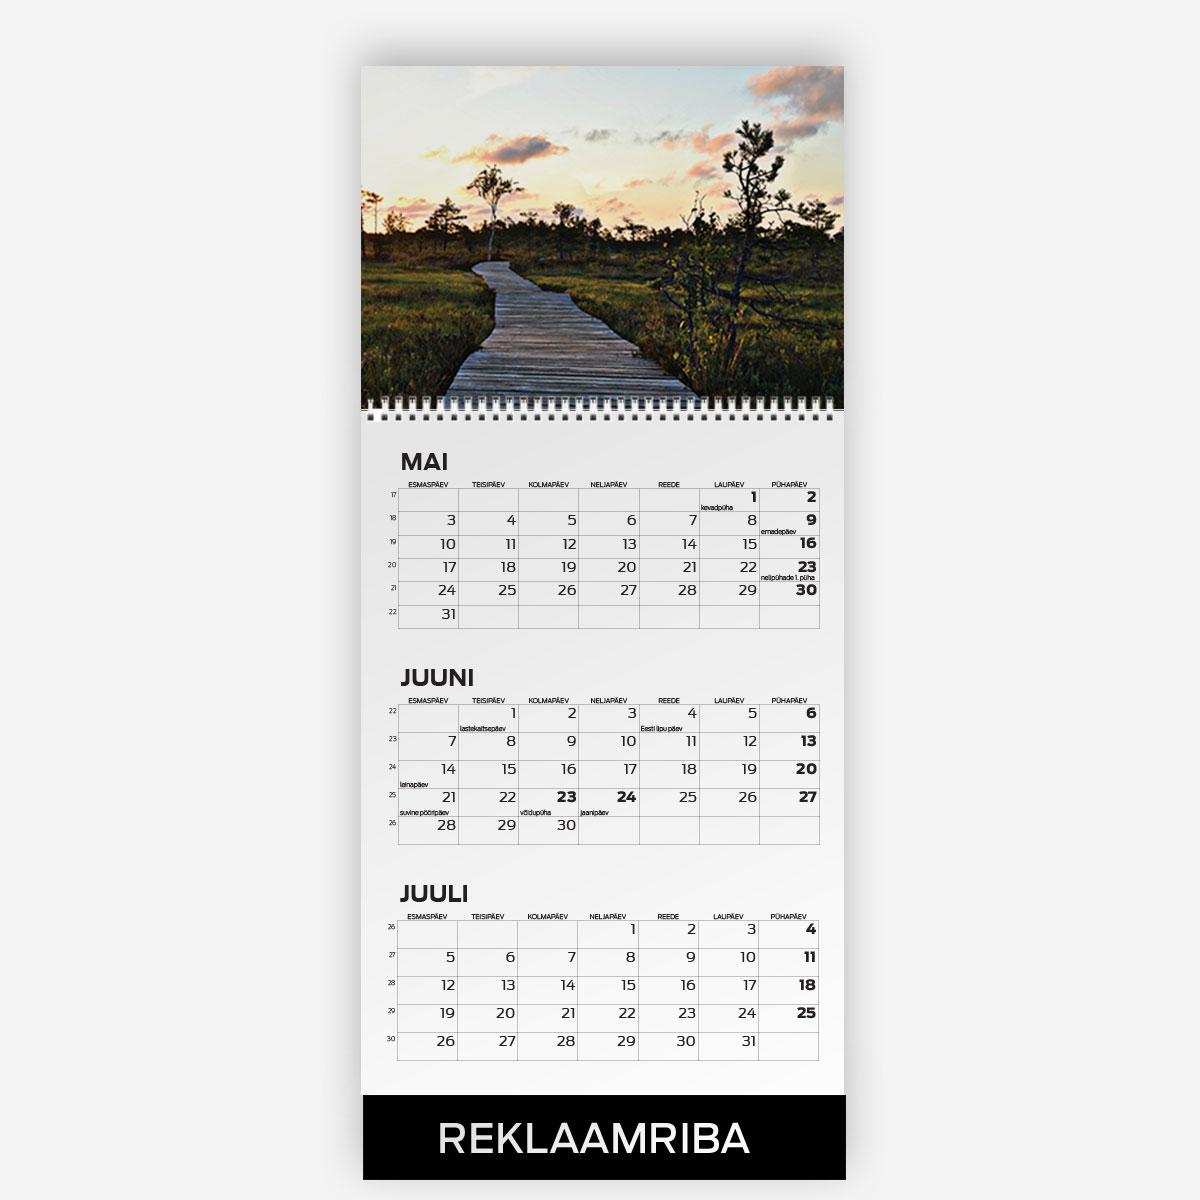 Triokalender A3 + A4 päisega ja reklaamribaga - oma disainiga kalender